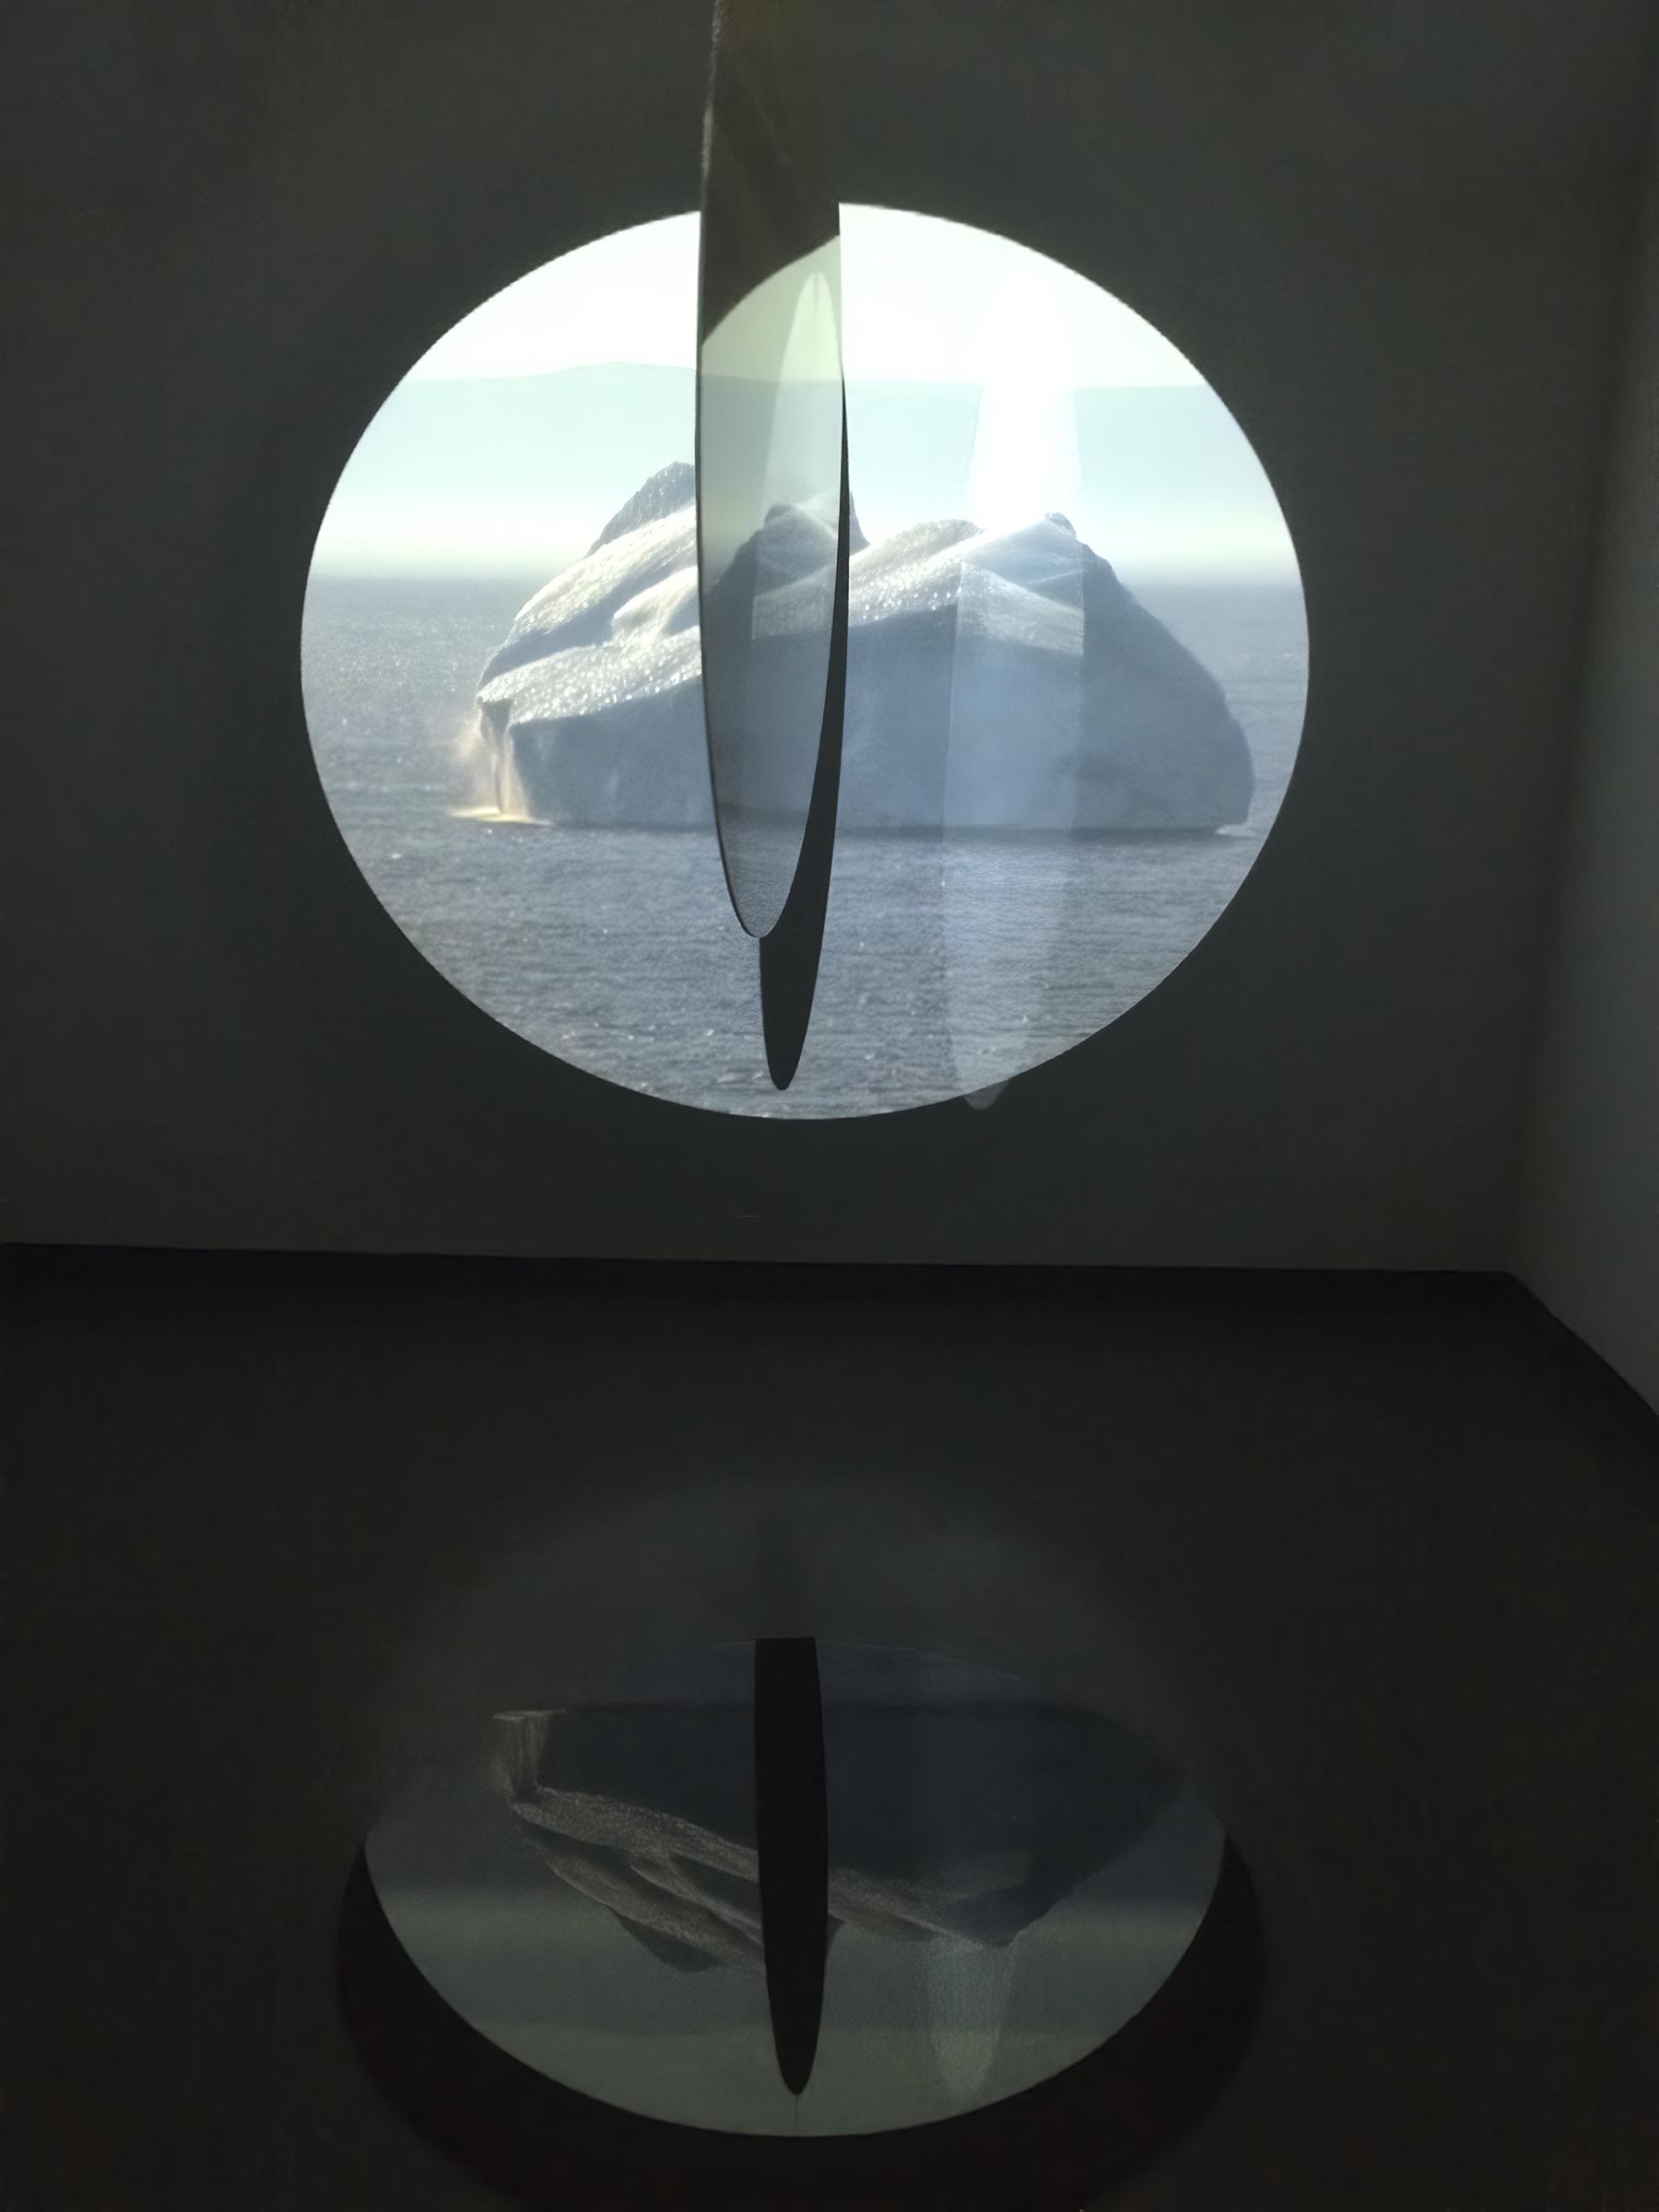 Annette Mangaard, MELTDOWN, (Installation view), 2017. Courtesy of the artist.